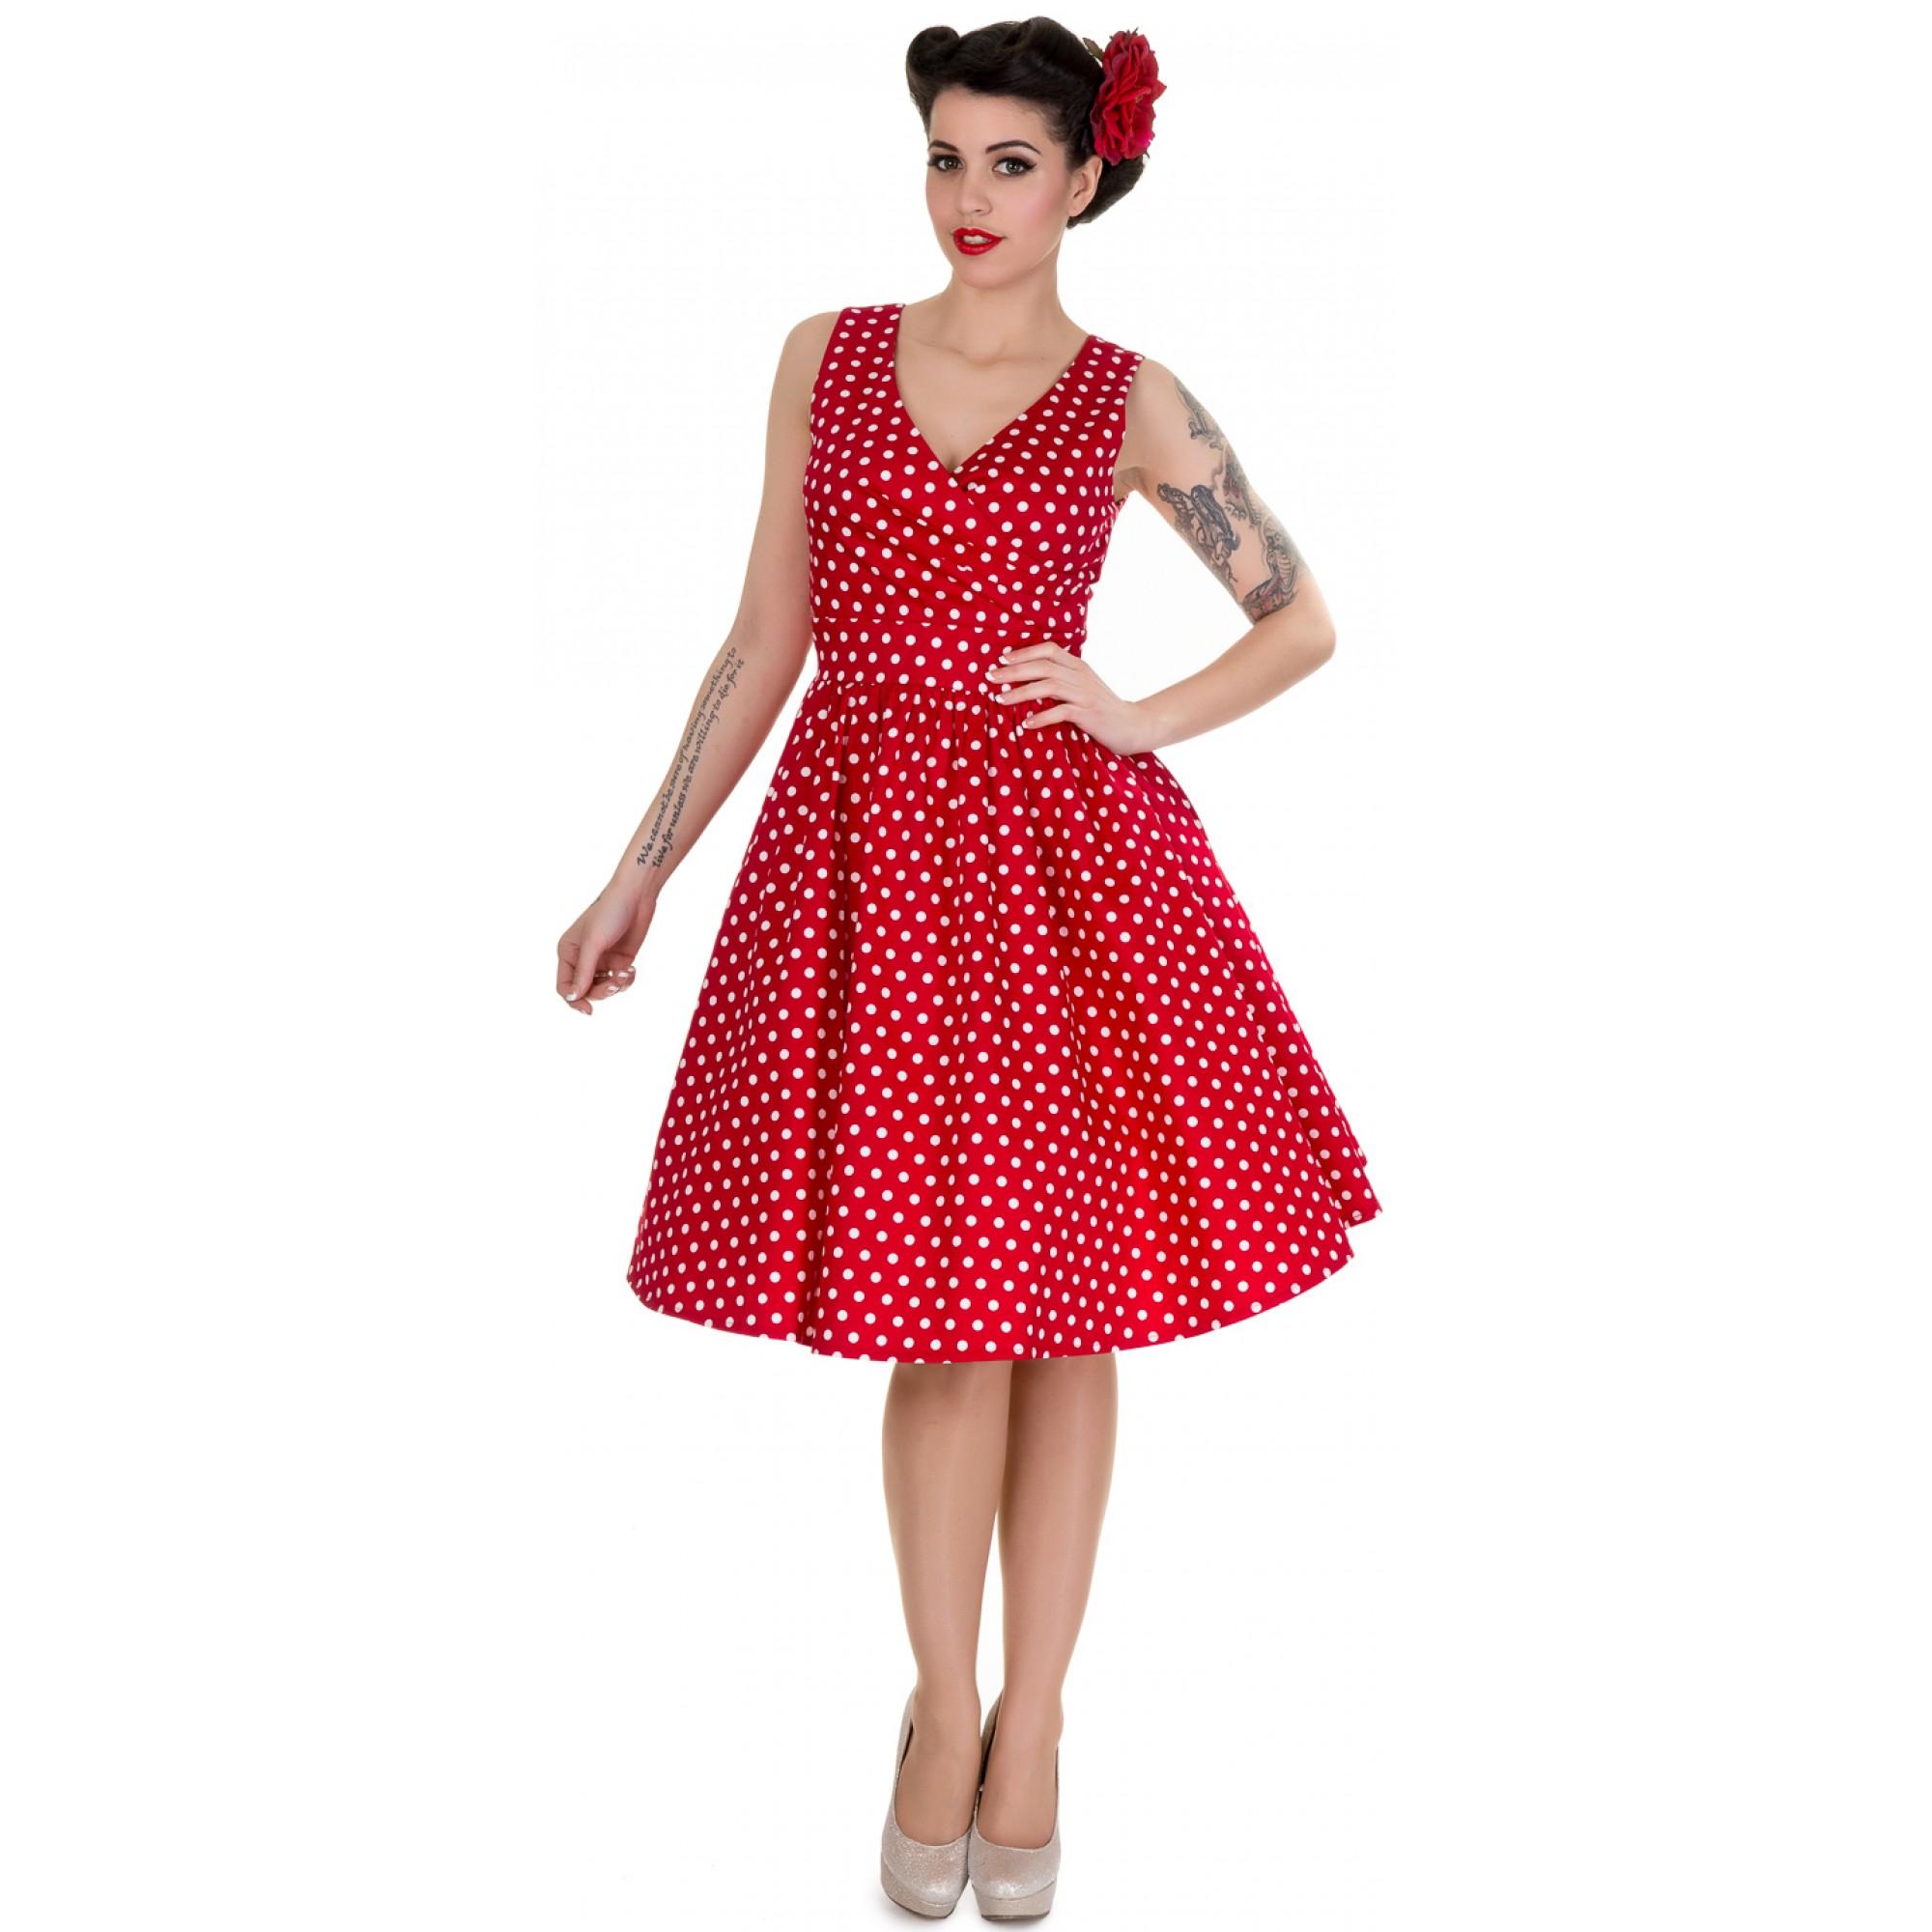 d2c654d3fe01 Štýlové červené retro šaty s bielými bodkami.